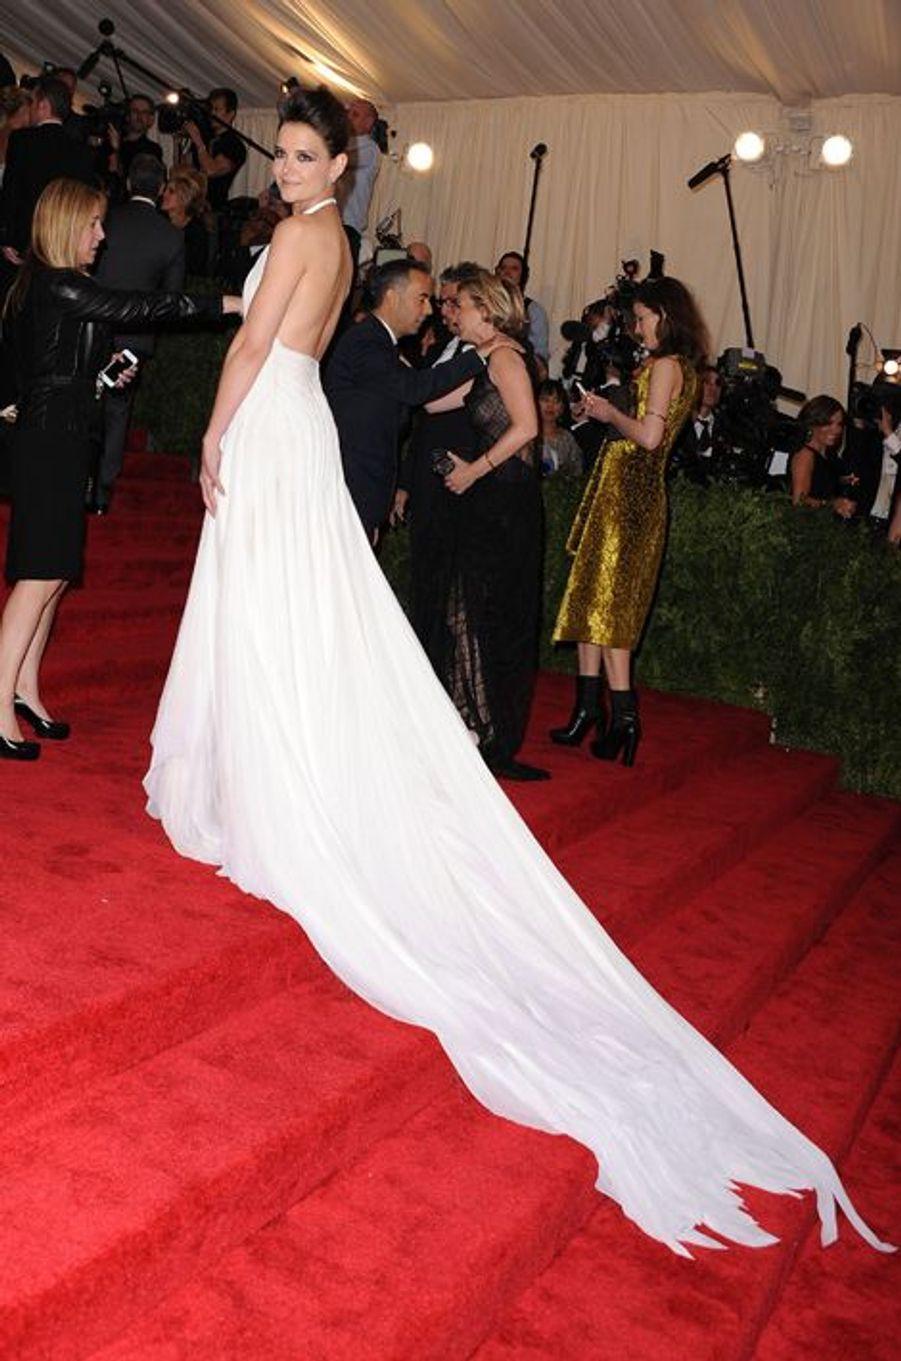 """Chaque année, le Gala du Metropolitan Museum of Art est l'événement phare du début du printemps. Cette année, le Gala inaugurera l'exposition""""China : Through the Looking Glass"""", qui ouvrira officiellement ses portes le 7 mai.Parmi les reines de l'événement se trouveSarah Jessica Parker: l'inoubliable Carrie Bradshaw de """"Sex and the City"""" avait marqué en Alexander McQueen (une robe faite de tulle et d'un kilt), mais aussi en Oscar de la Renta. Madonna, habituée des tenues extravagantes, viendra-t-elle à nouveau en bas résille? Le topGisele Bündchen, qui a annoncé la fin de sa carrière sur les podiums, est également très attendue.Blake Lively, en pleine promotion de son nouveau film quelques mois à peine après la naissance de sa fille James, sera elle aussi attendue au tournant.Amal Clooney fera-t-elle une apparition? L'avocate internationale, qui a épousé George Clooney à la rentrée dernière, donne en ce moment des cours à l'université de Columbia et se trouve donc dans la Grosse Pomme. Nul doute que sa présence serait scrutée, tant son style pointu est apprécié par les spécialistes. A la veille du Gala du Met, attribuez une à cinq étoiles à la star qui est, selon vous, la reine de l'événement."""